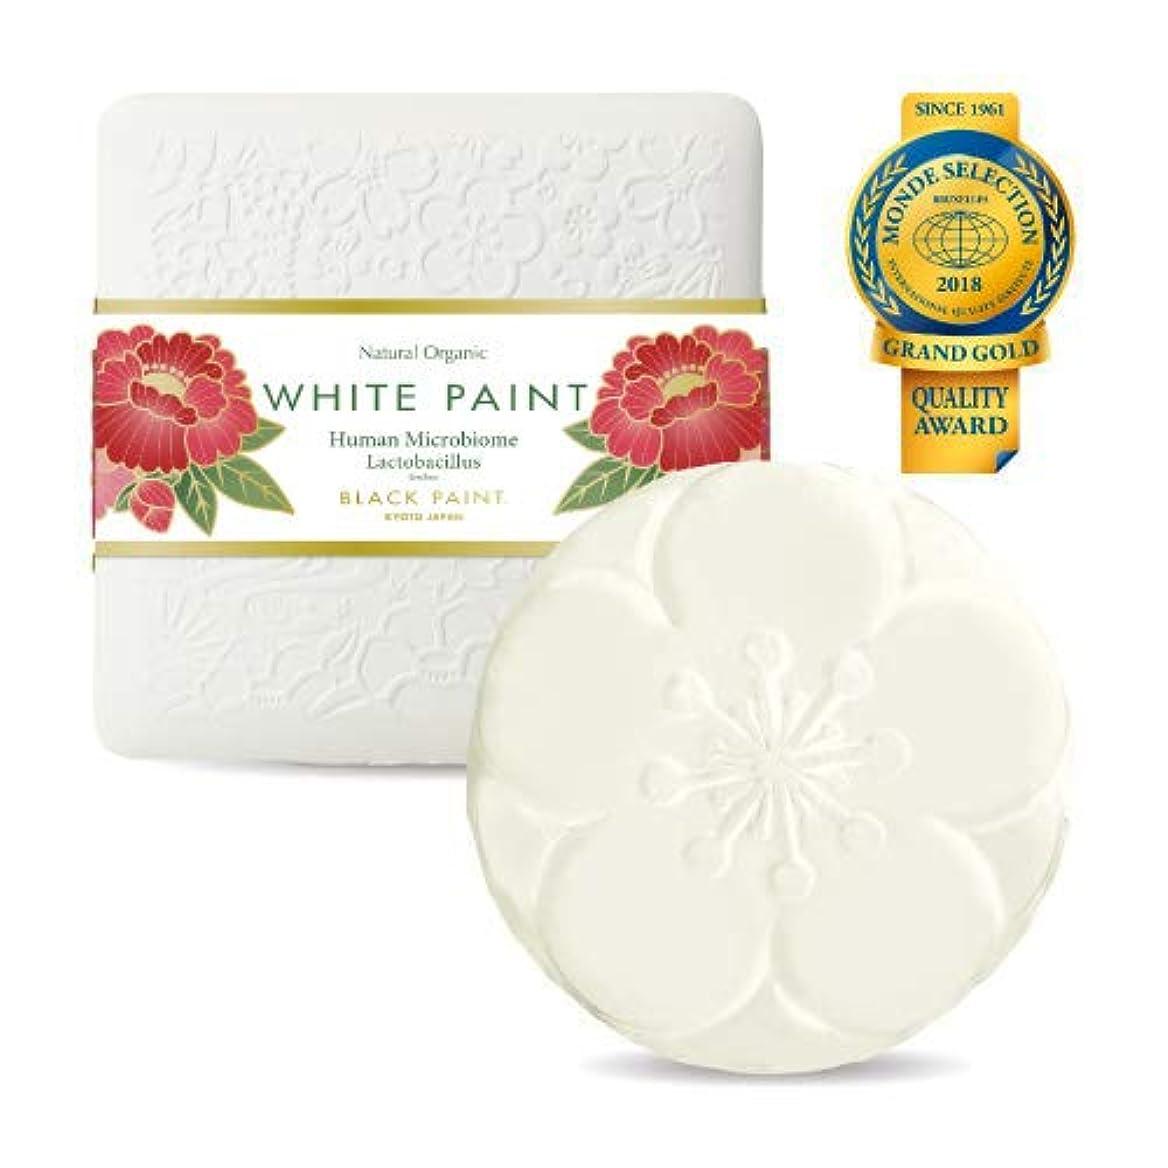 勇気のある操作名誉乳酸菌入り プレミアム ホワイトペイント 60g ハーフサイズ 塗る洗顔 石鹸 無添加 国産 …